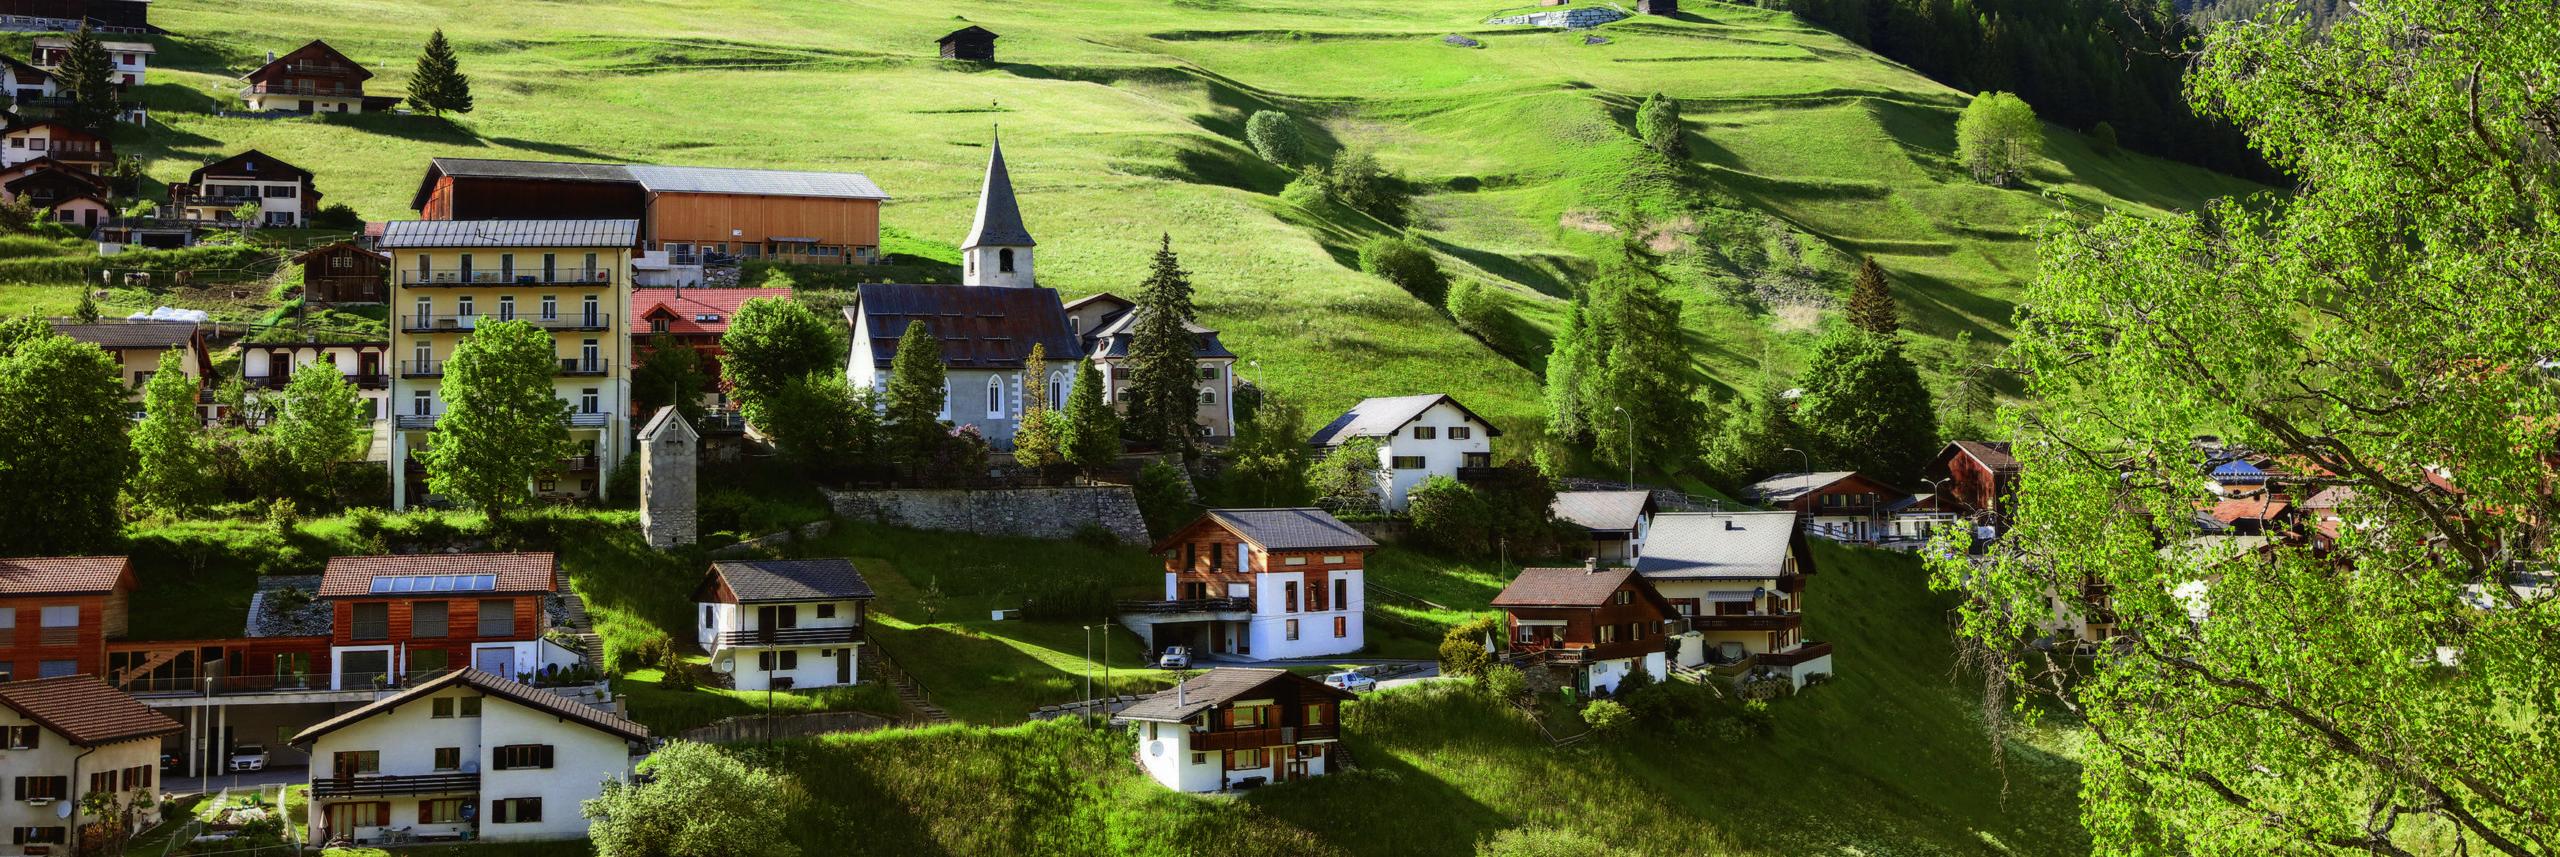 Wohn- und Lebensraum für Senioren und andere Neustarter